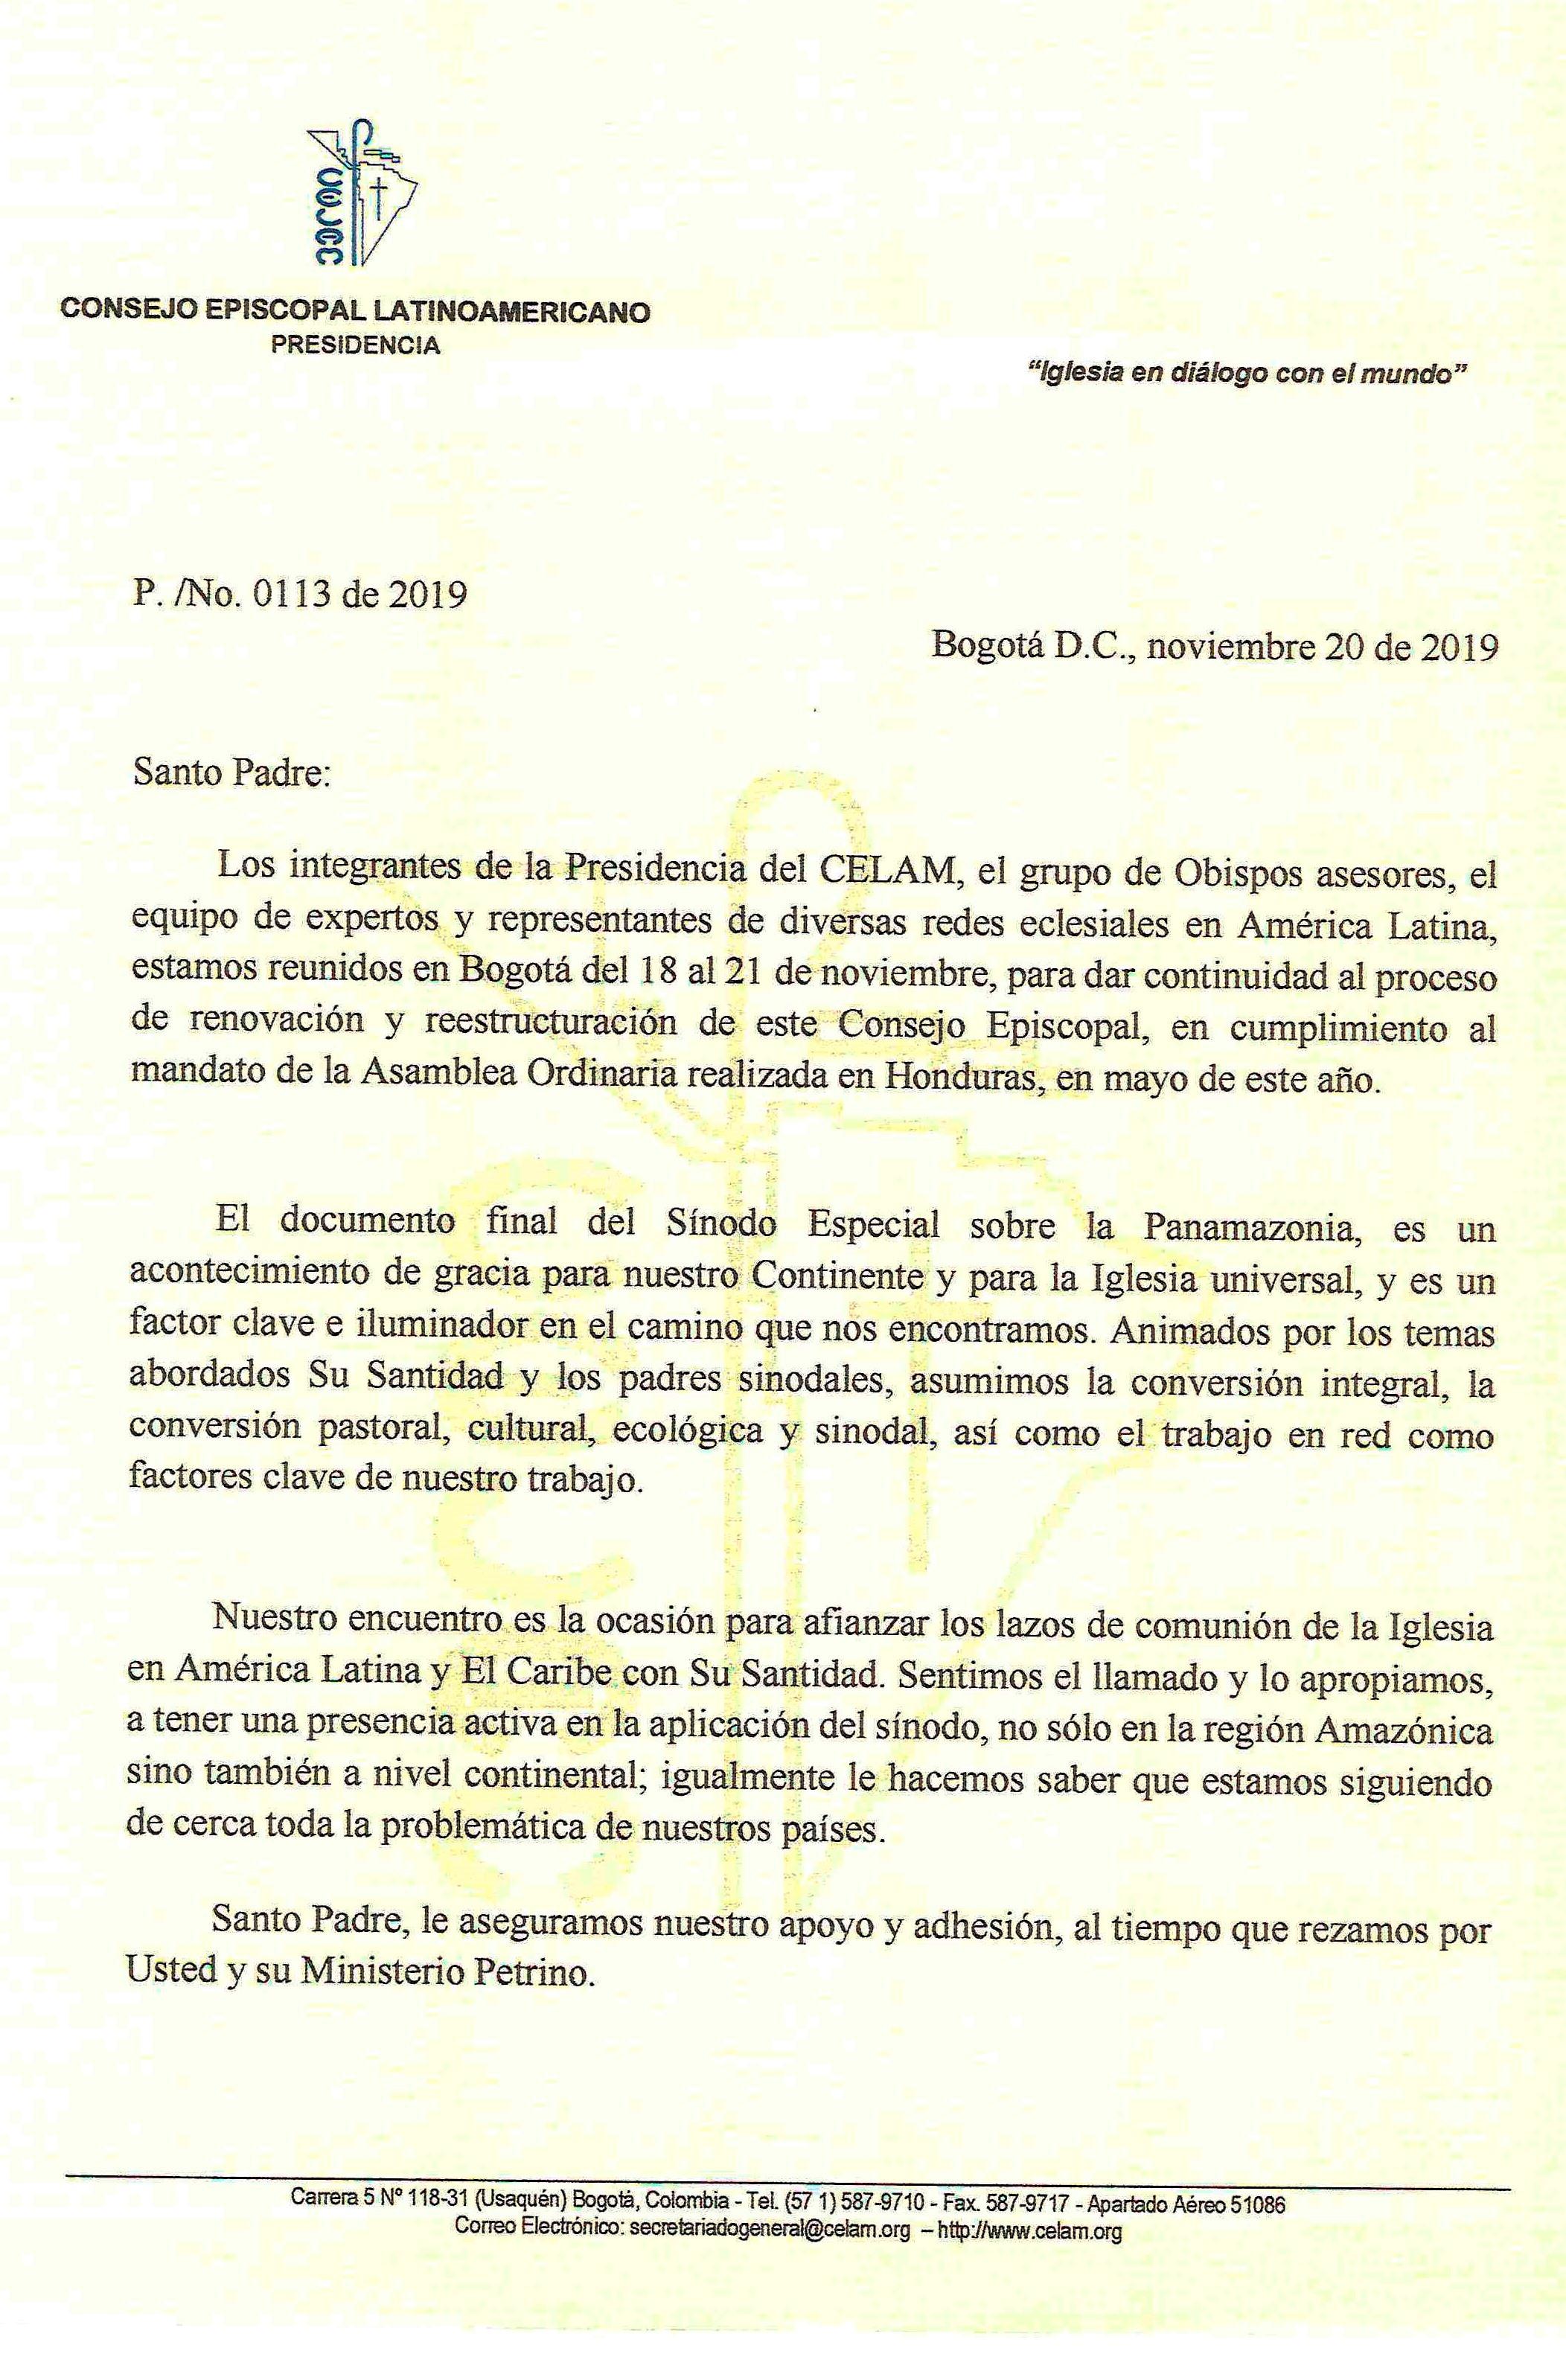 Precidencia del Celam envía carta al Papa Francisco, al término de la reunión del Consejo Episcopal Latinonamericano